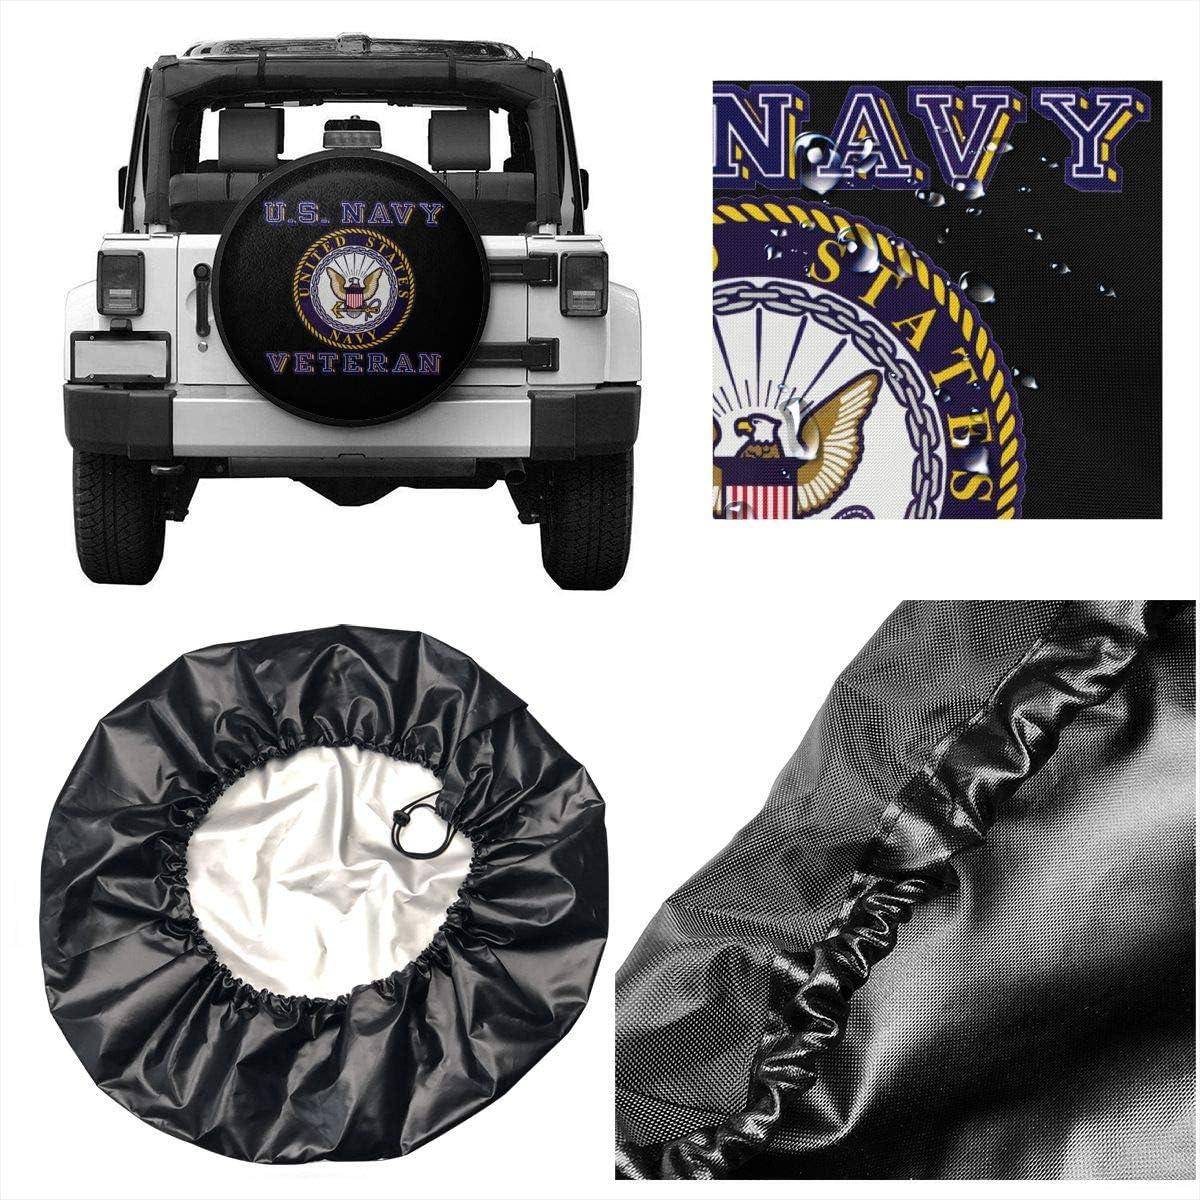 Spare Wheel Tire Cover for Je p Trailer RV SUV Truck Camper Travel Trailer Accessories US Navy Veteran 3